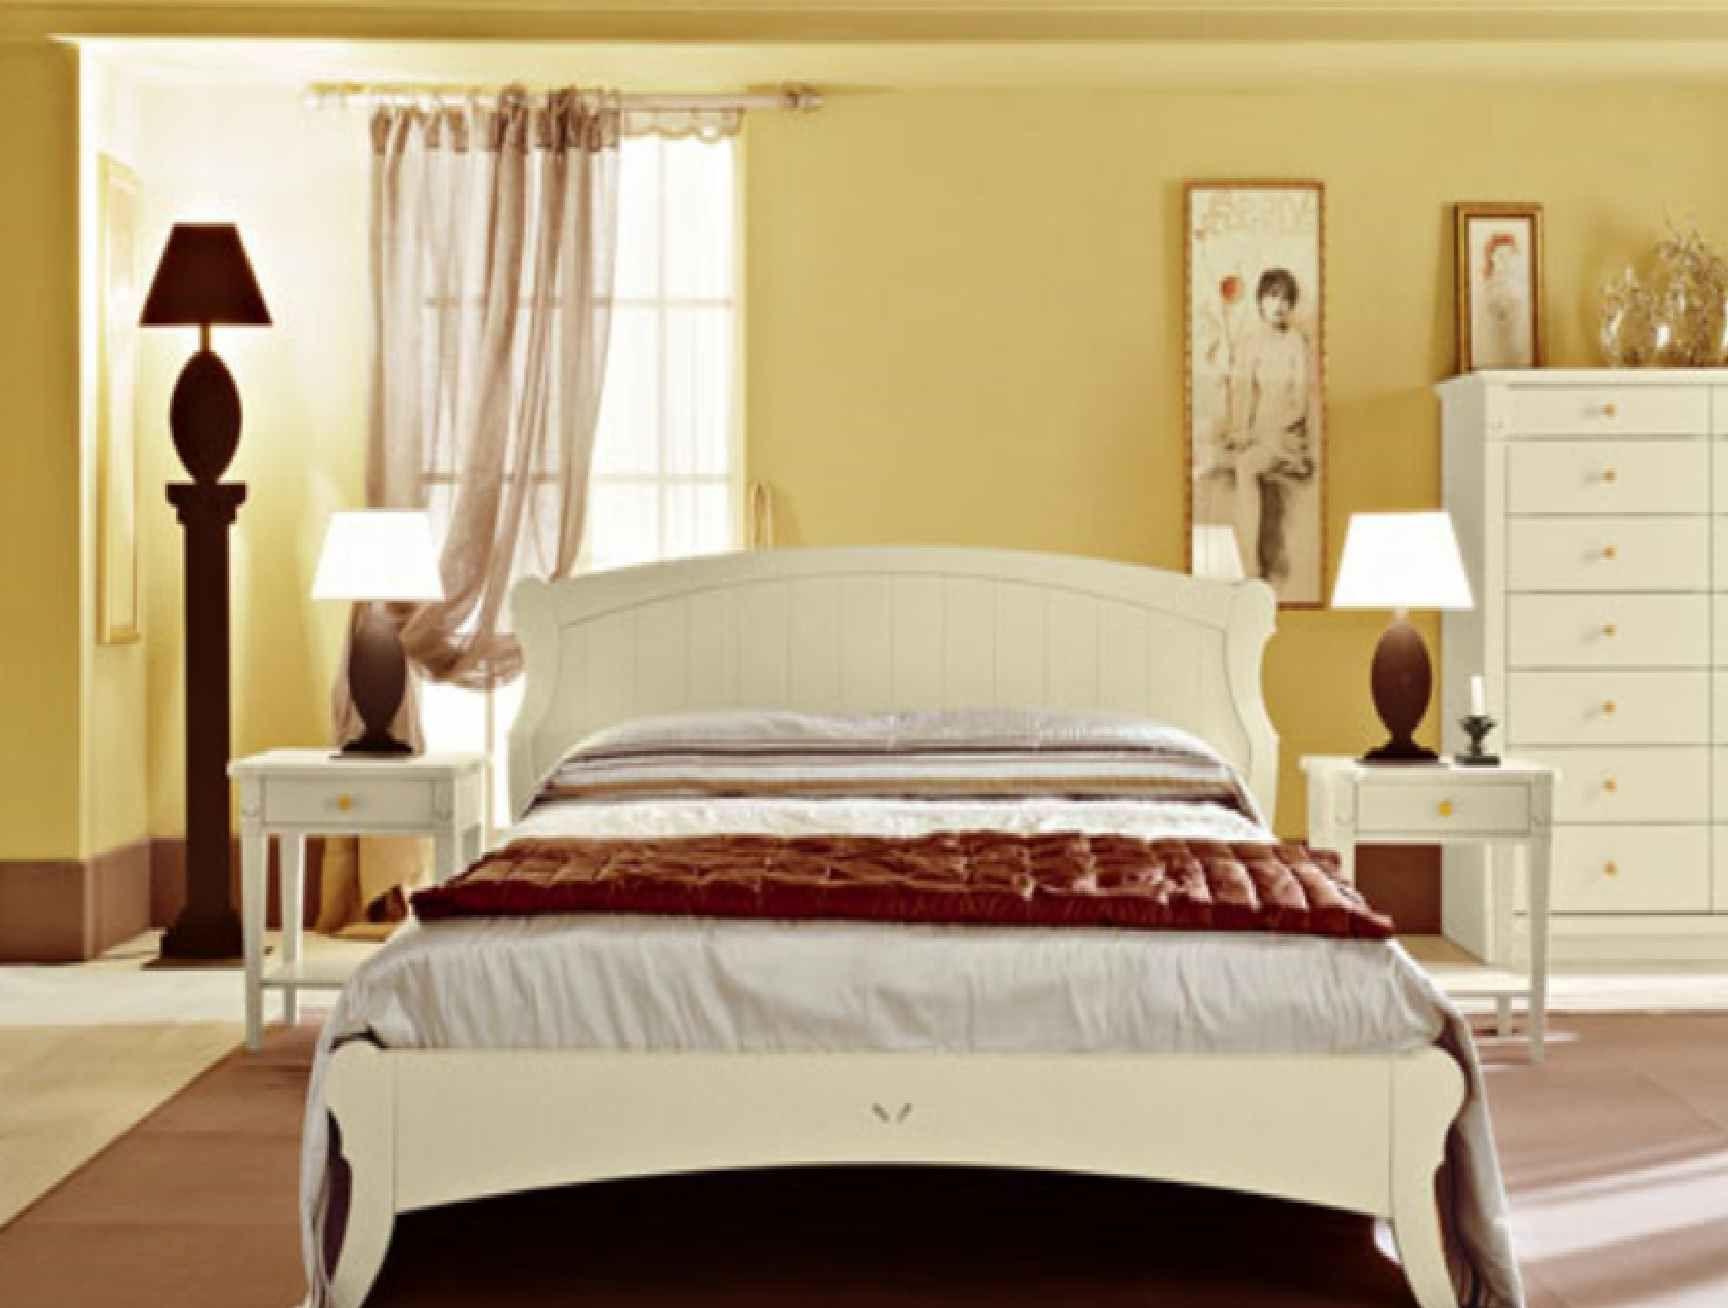 Bedroom Yellow Walls Amazing Best 20+ Yellow Walls Bedroom Ideas ...